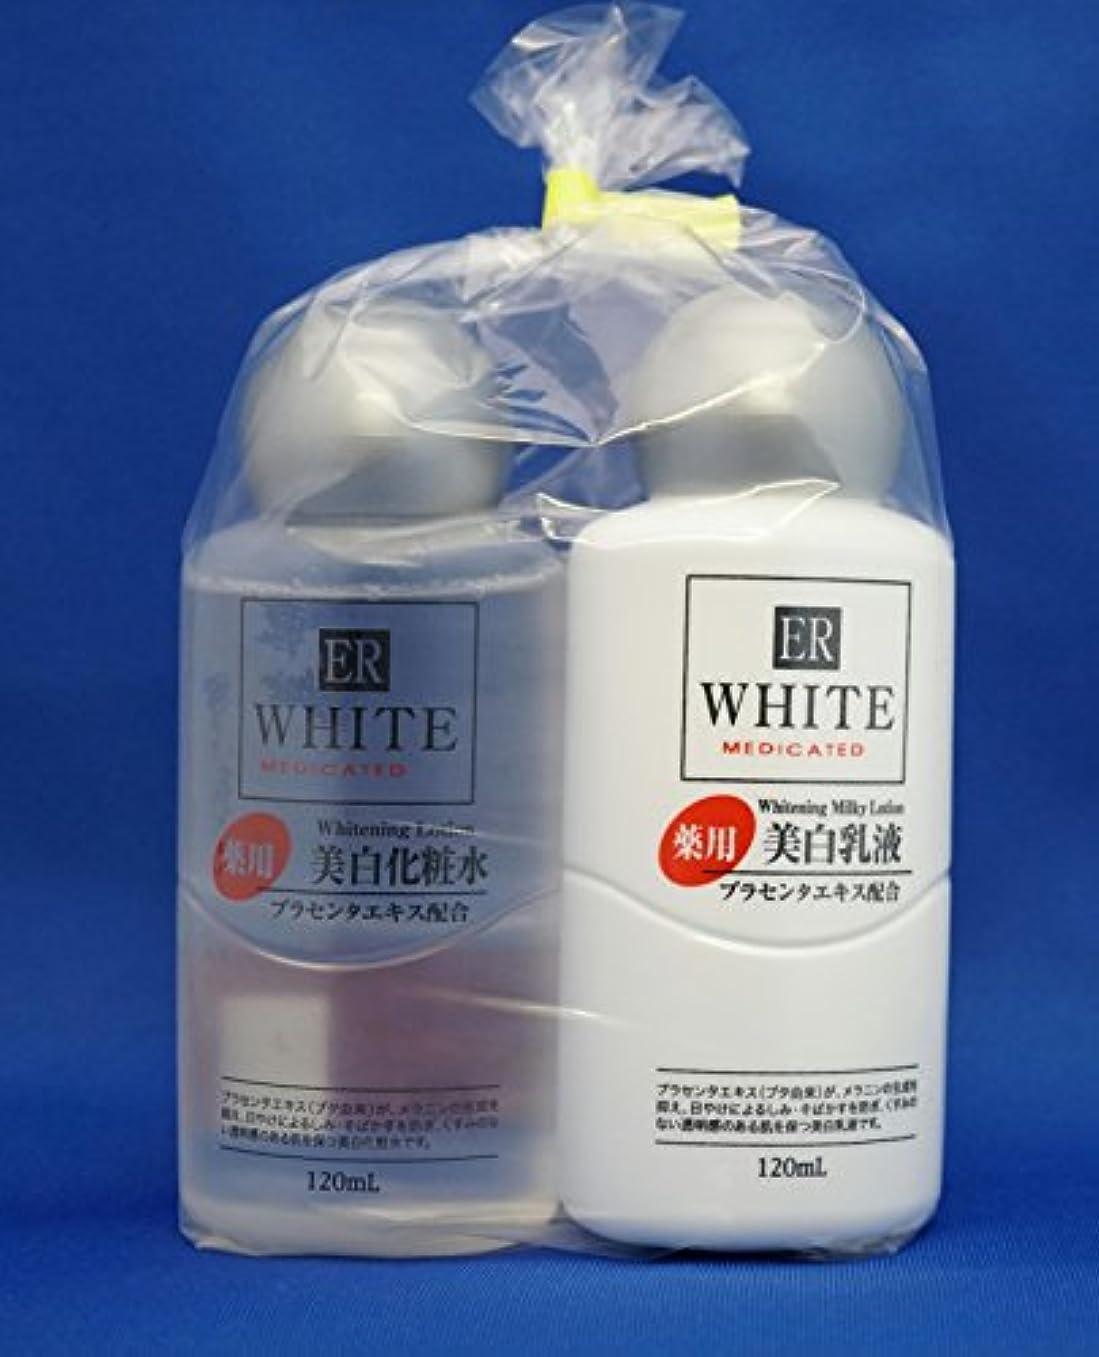 シェアアシュリータファーマン法令2個セット ダイソー ER コスモ ホワイトニング ミルクV(薬用美白乳液) と ER ホワイトニングローションV(薬用美白化粧水)